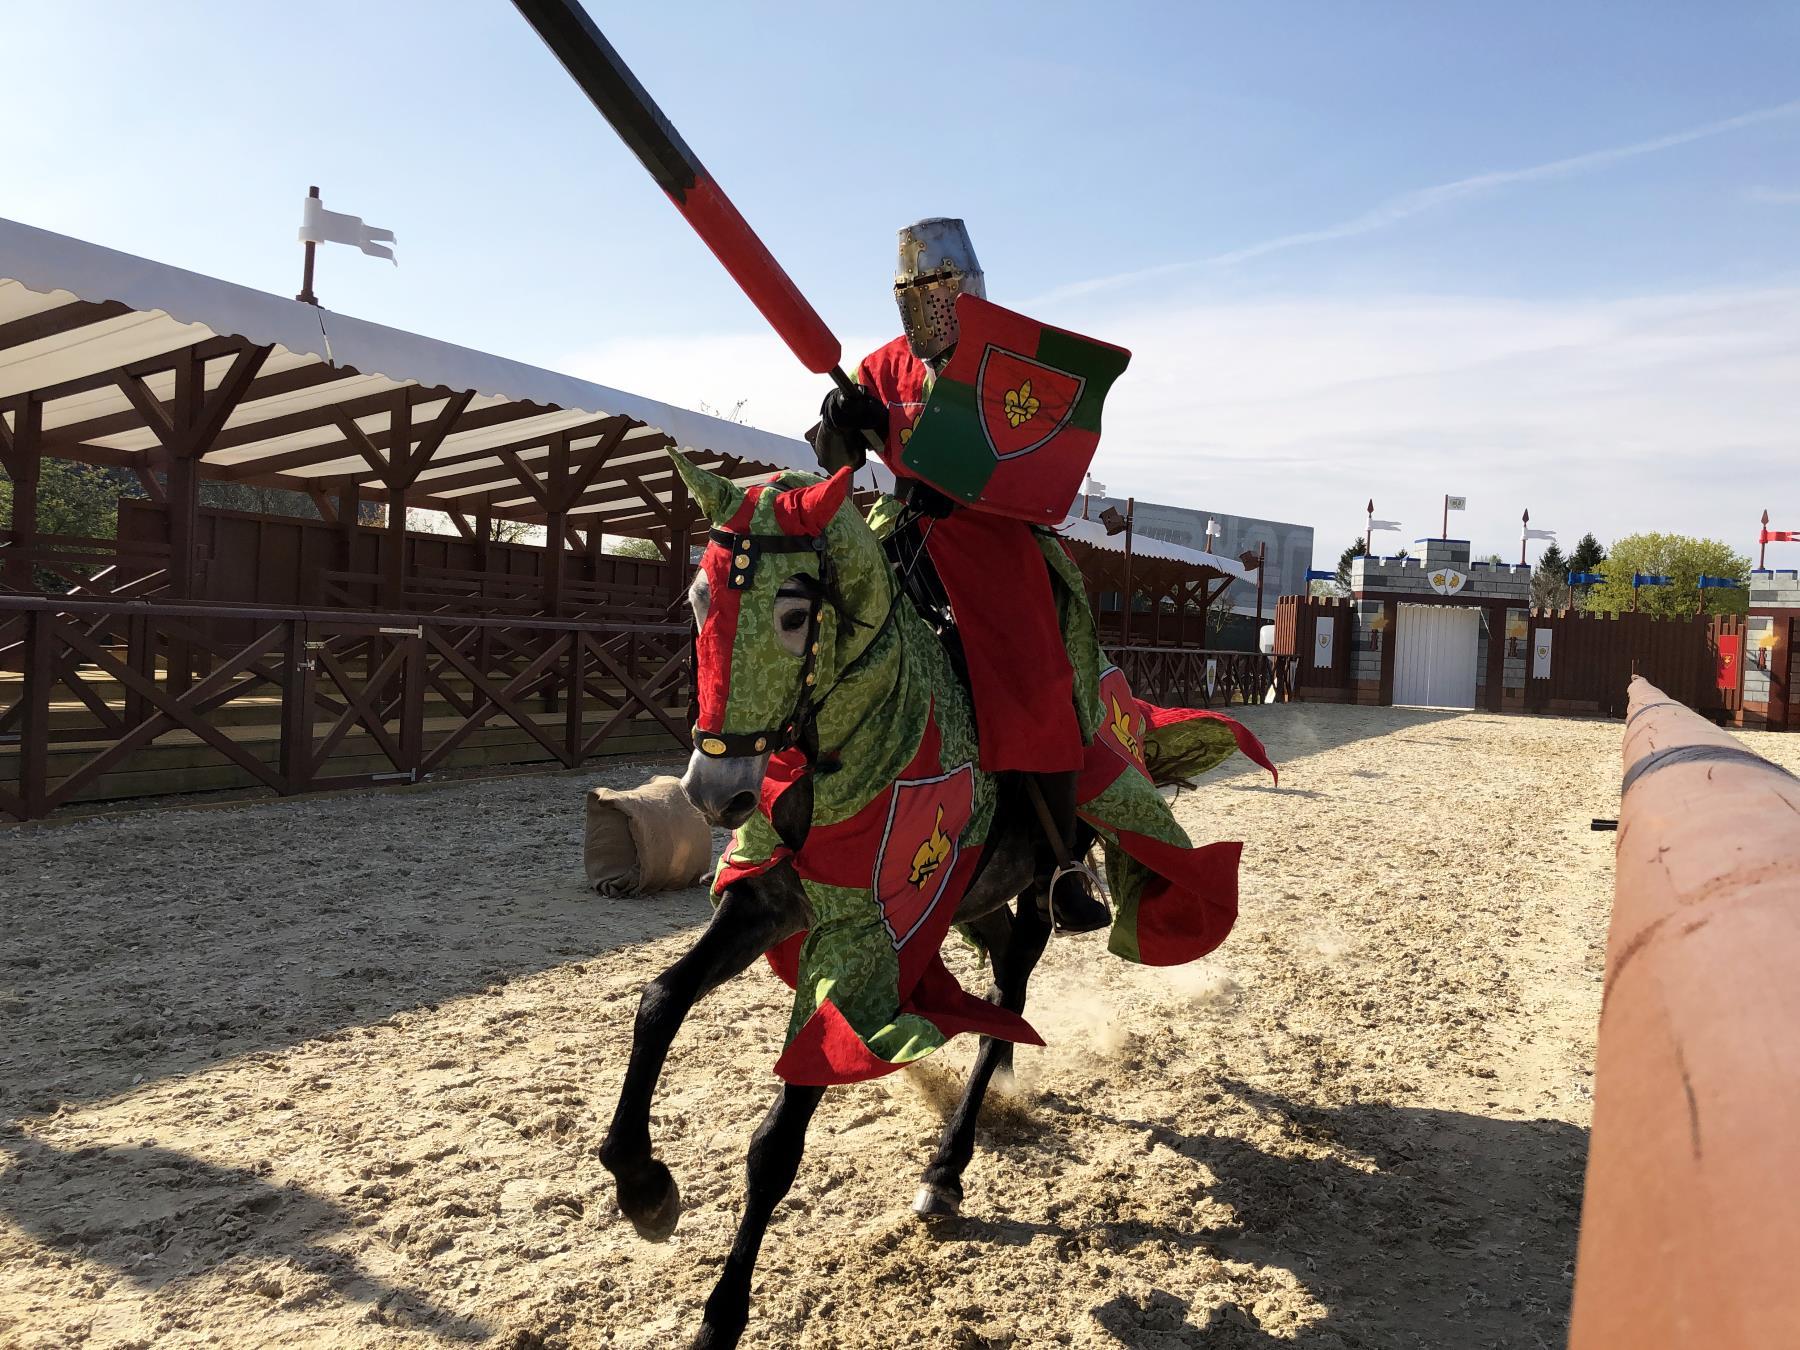 Spektakularne pojedynki rycerskie i nocleg w zamku – nowość w LEGOLAND Billund